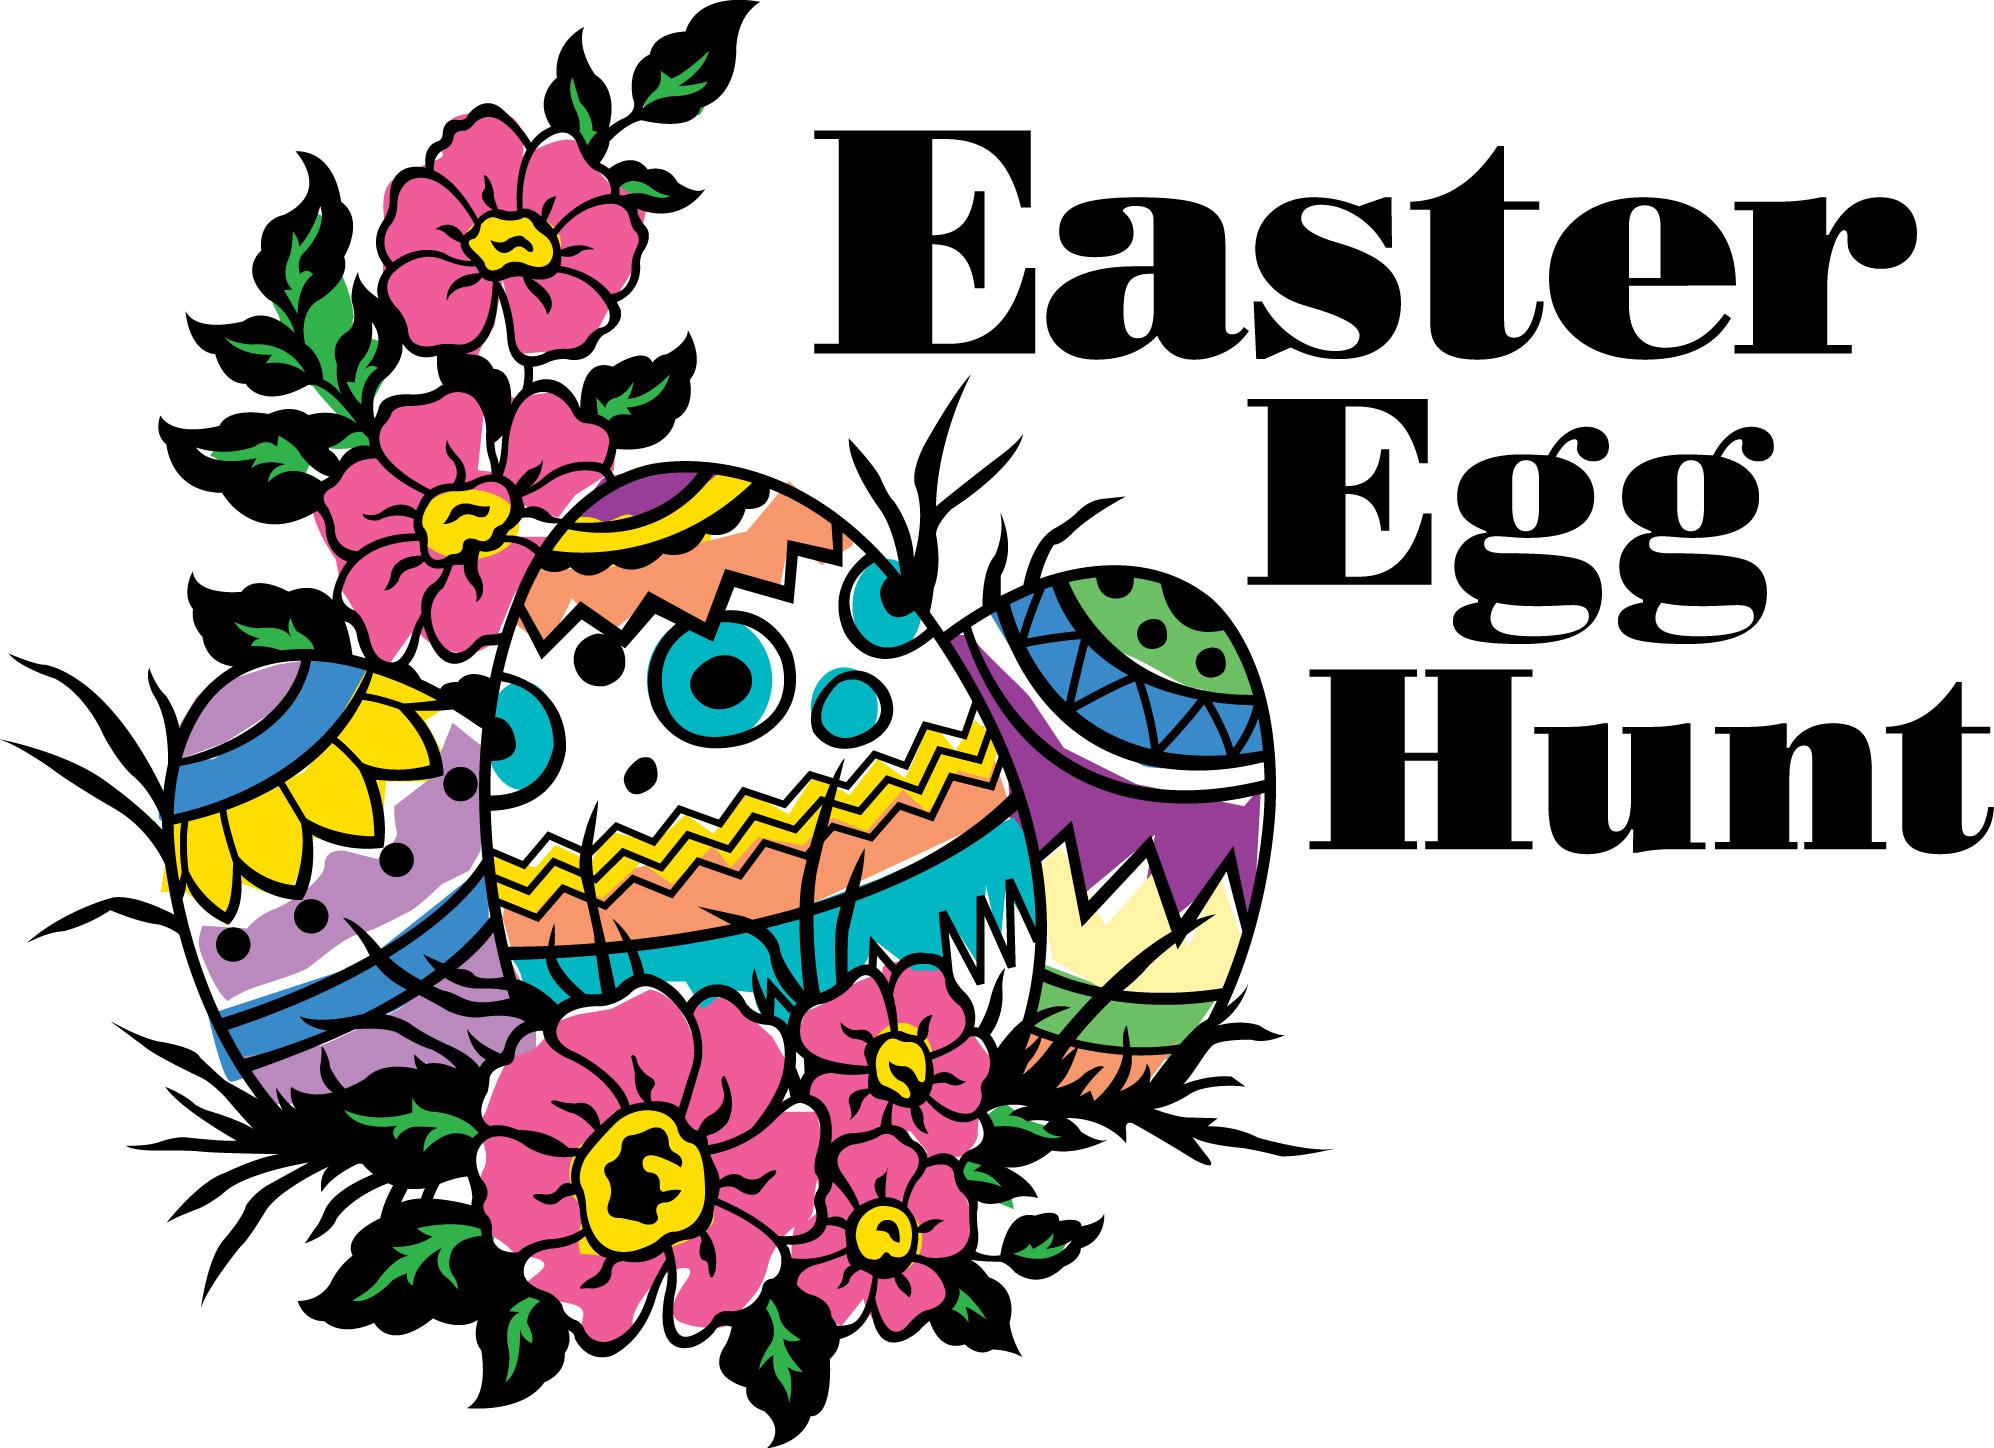 1994x1448 Annual Easter Egg Hunt St. John Ucc Manchester